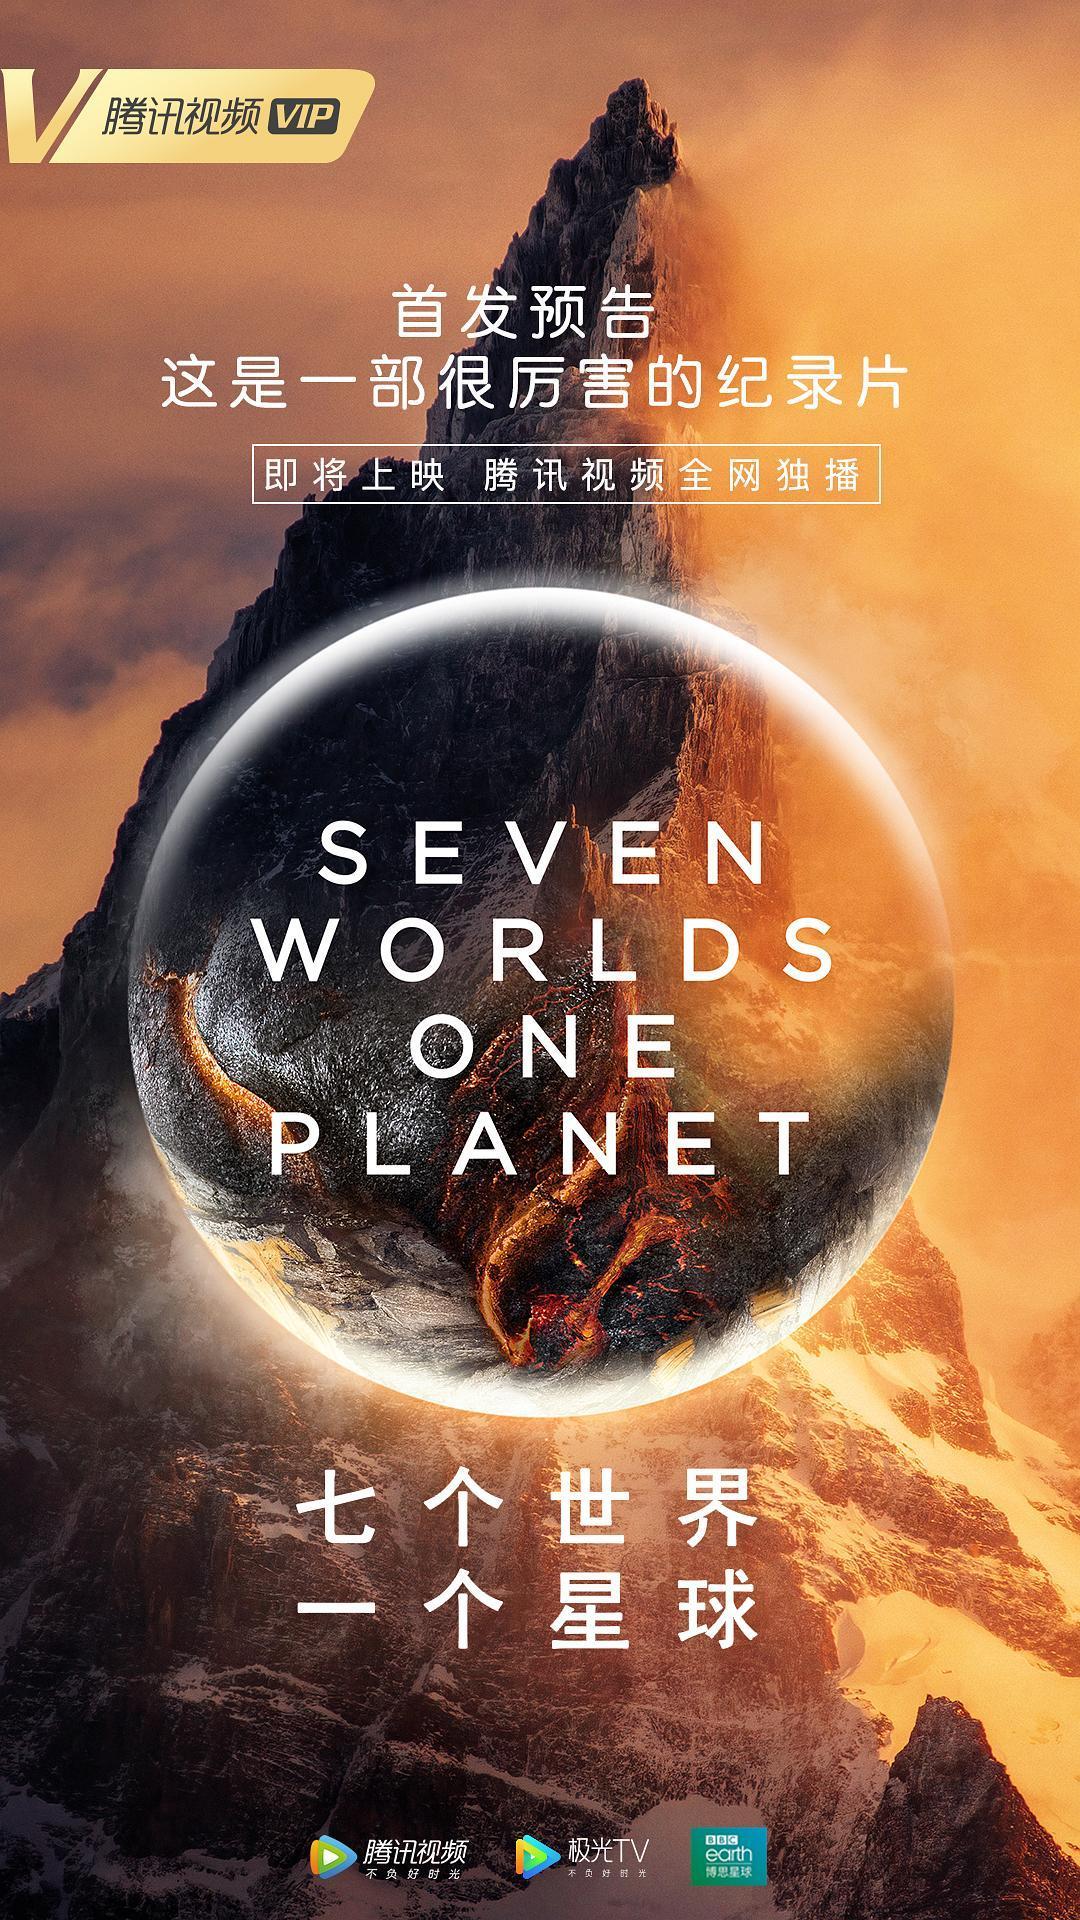 2019年 七個世界,一個星球全集[豆瓣9.8,這個世界太可愛,一定要保護好它]